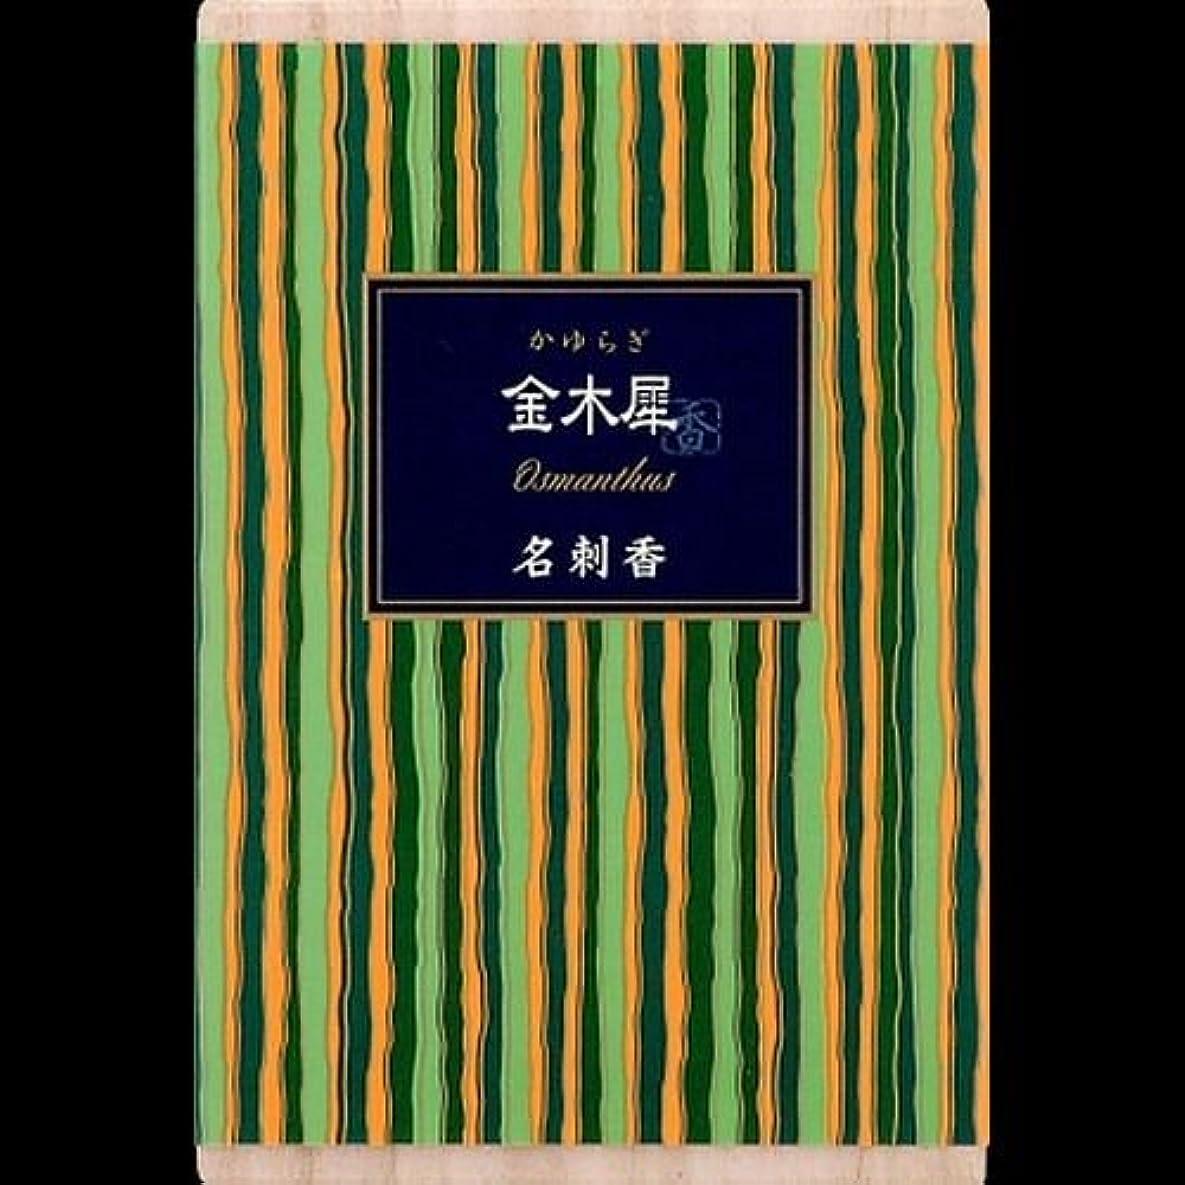 固執提唱する登る【まとめ買い】かゆらぎ 金木犀 名刺香 桐箱 6入 ×2セット